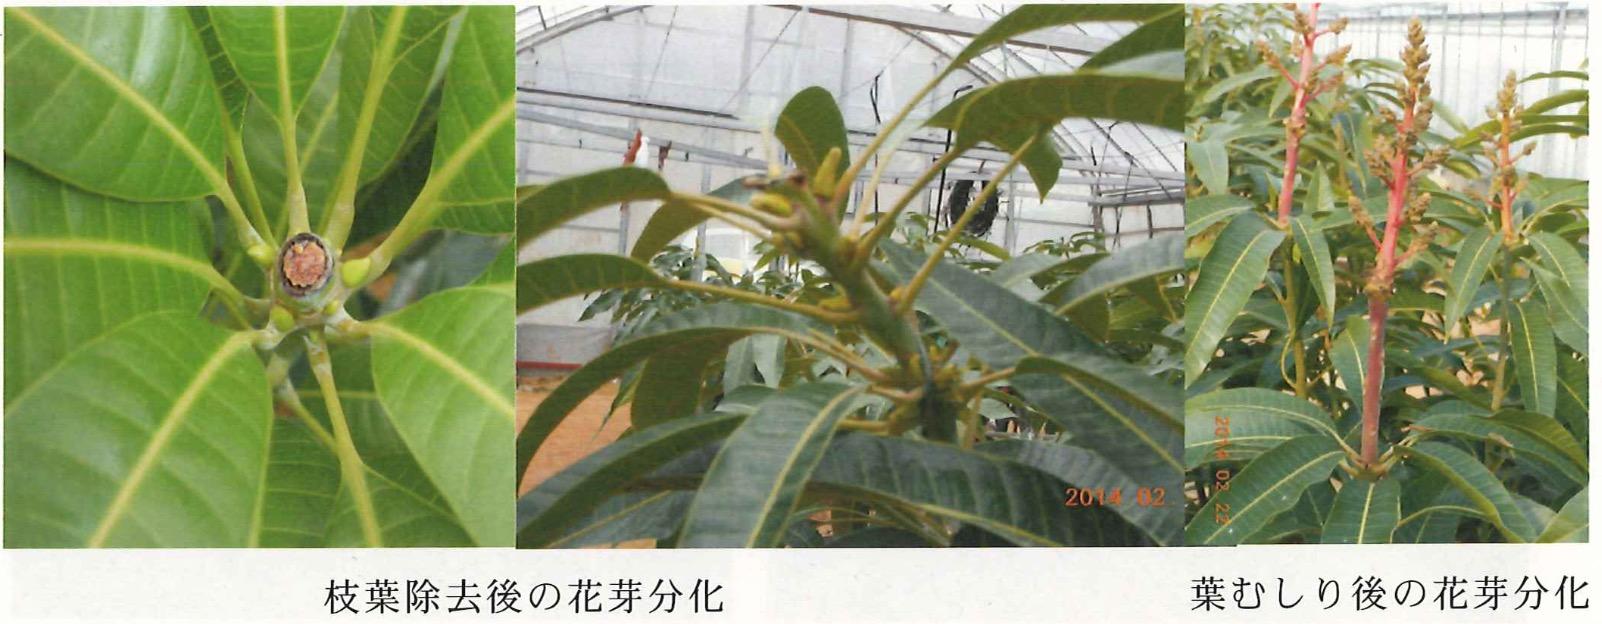 マンゴー遅れ芽の対処